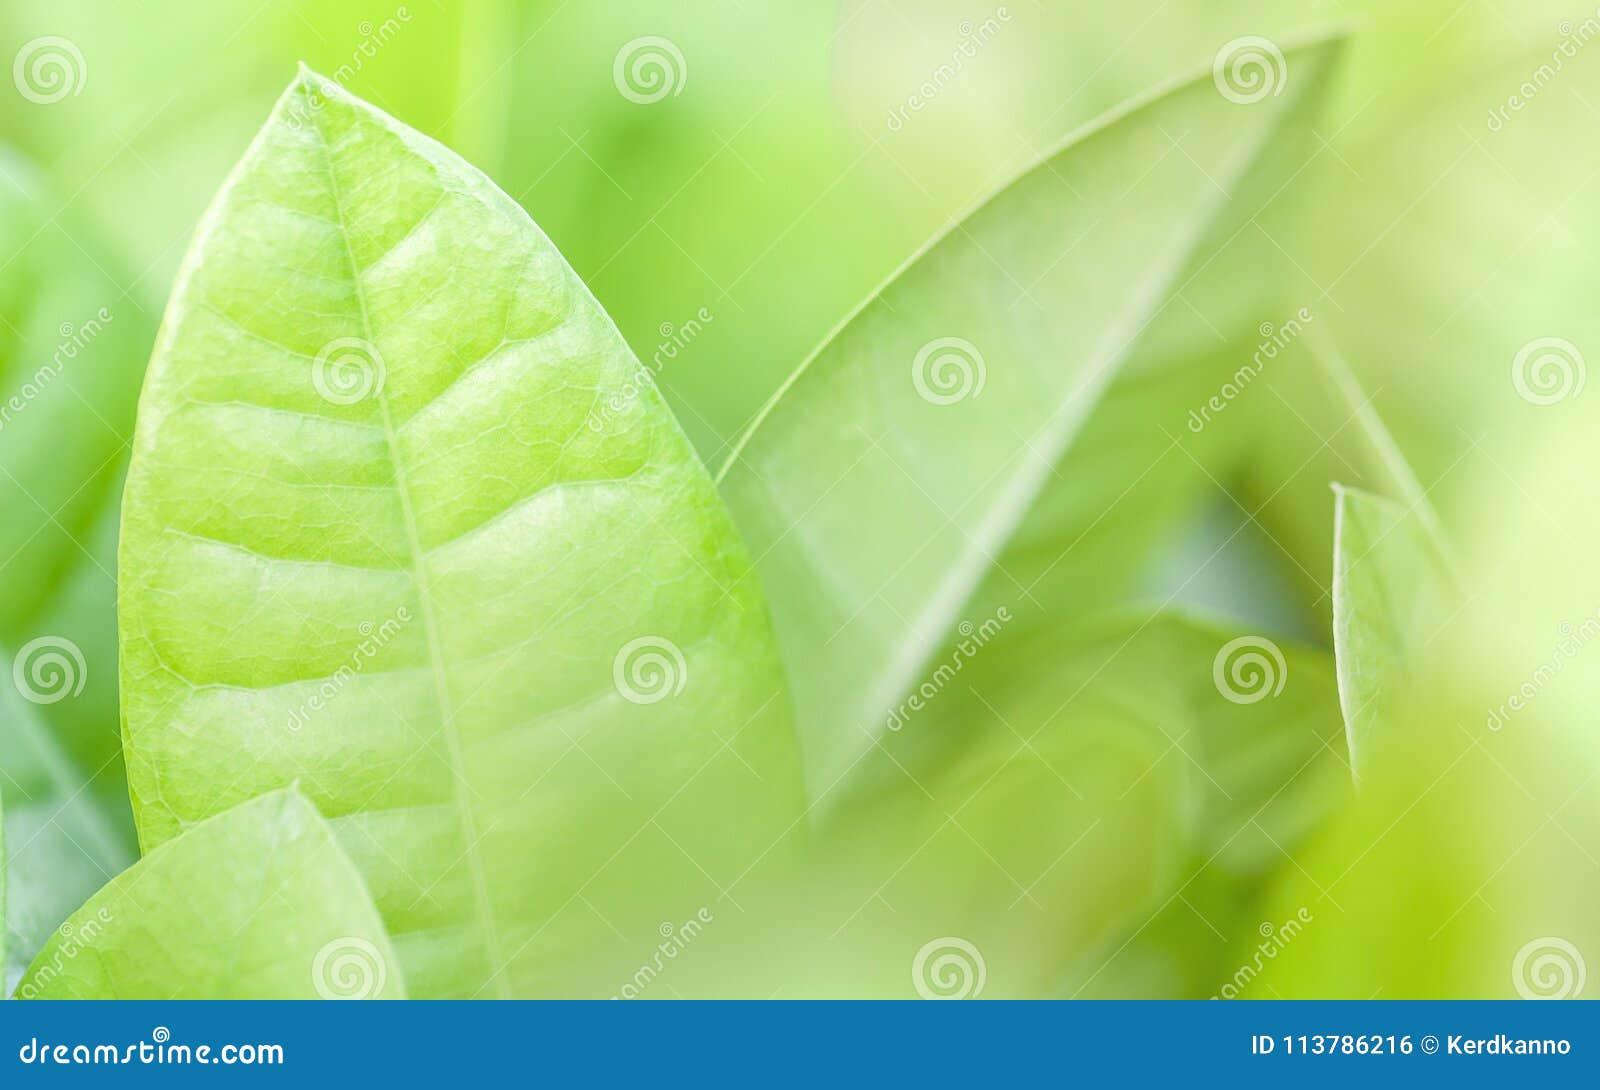 Κλείστε την επάνω και μαλακή εστίαση των πράσινων φύλλων πράσινη φύση ανασκόπησης